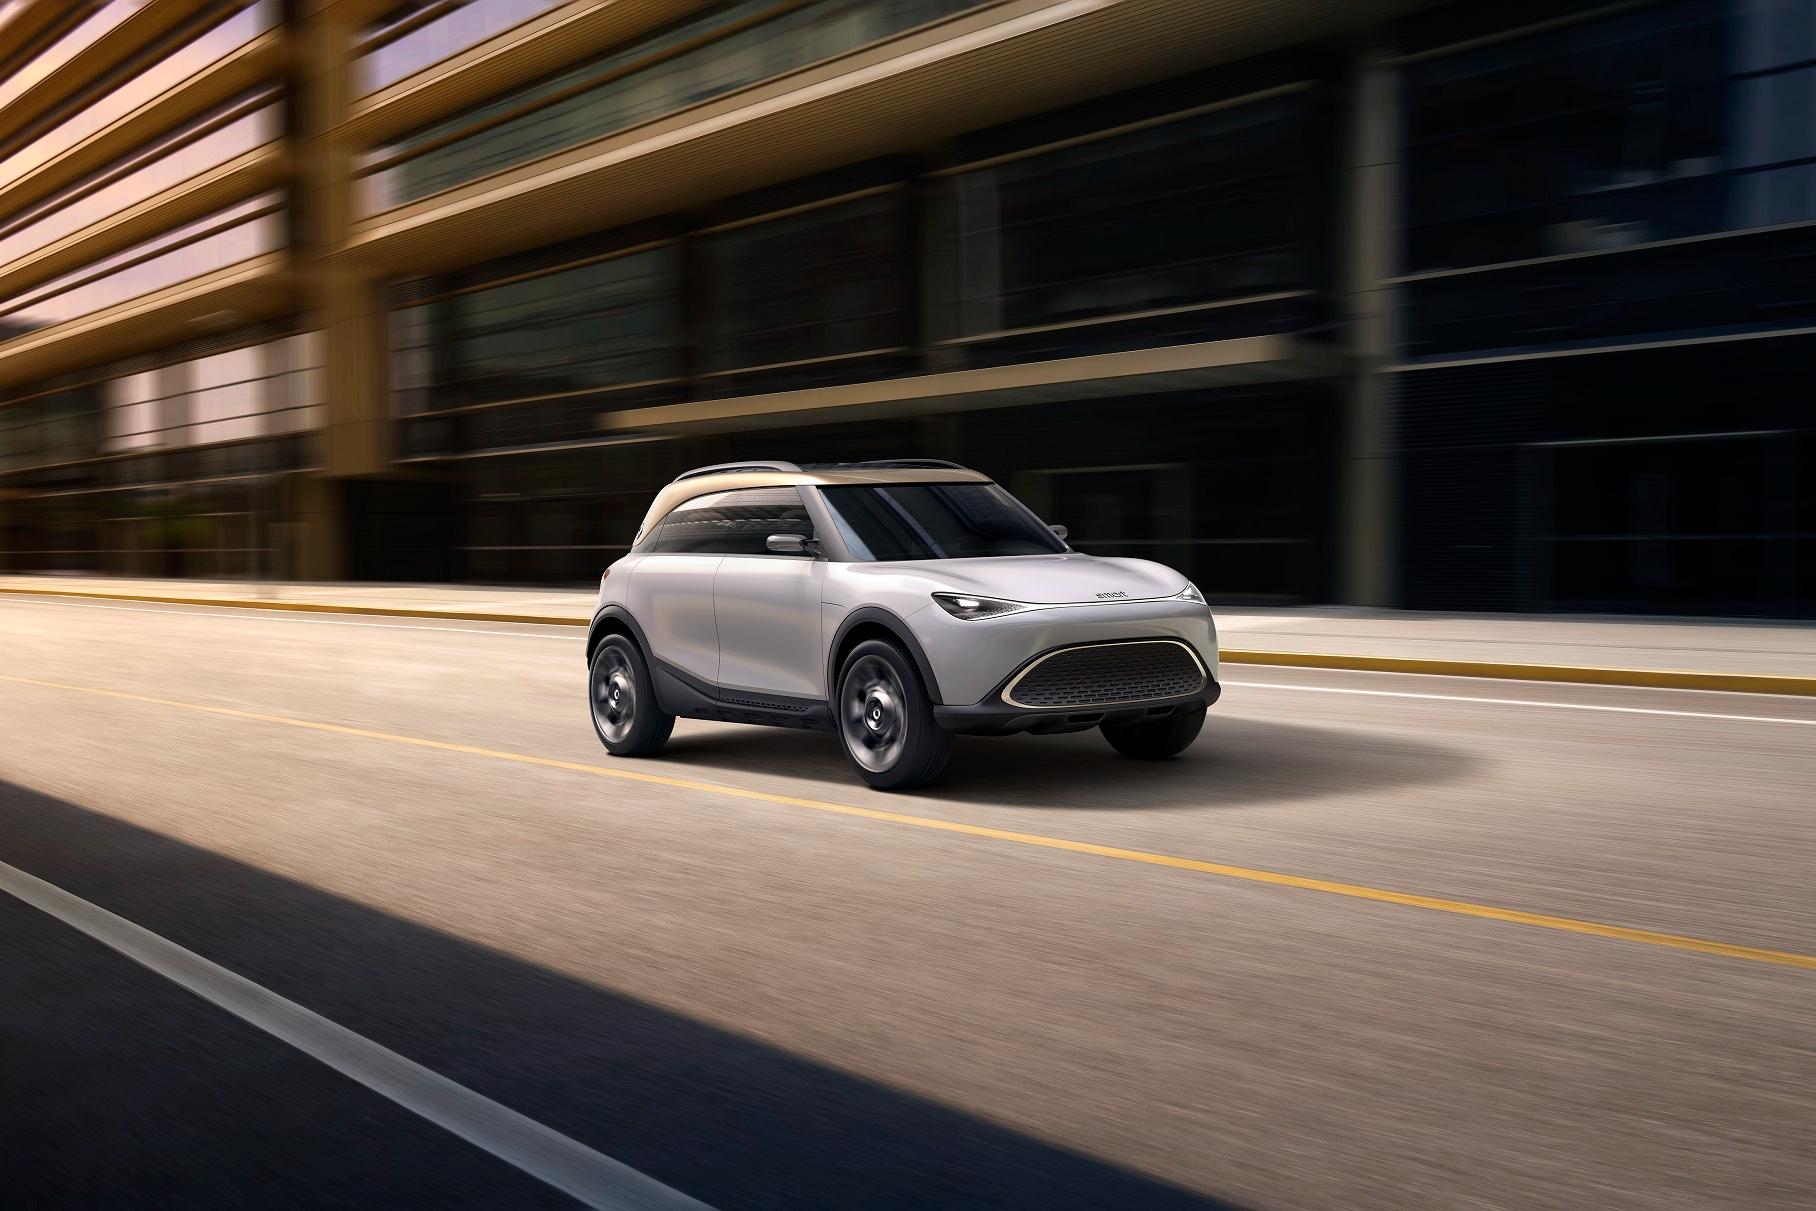 Smart готовится к запуску своего самого большого автомобиля за пределами Китая